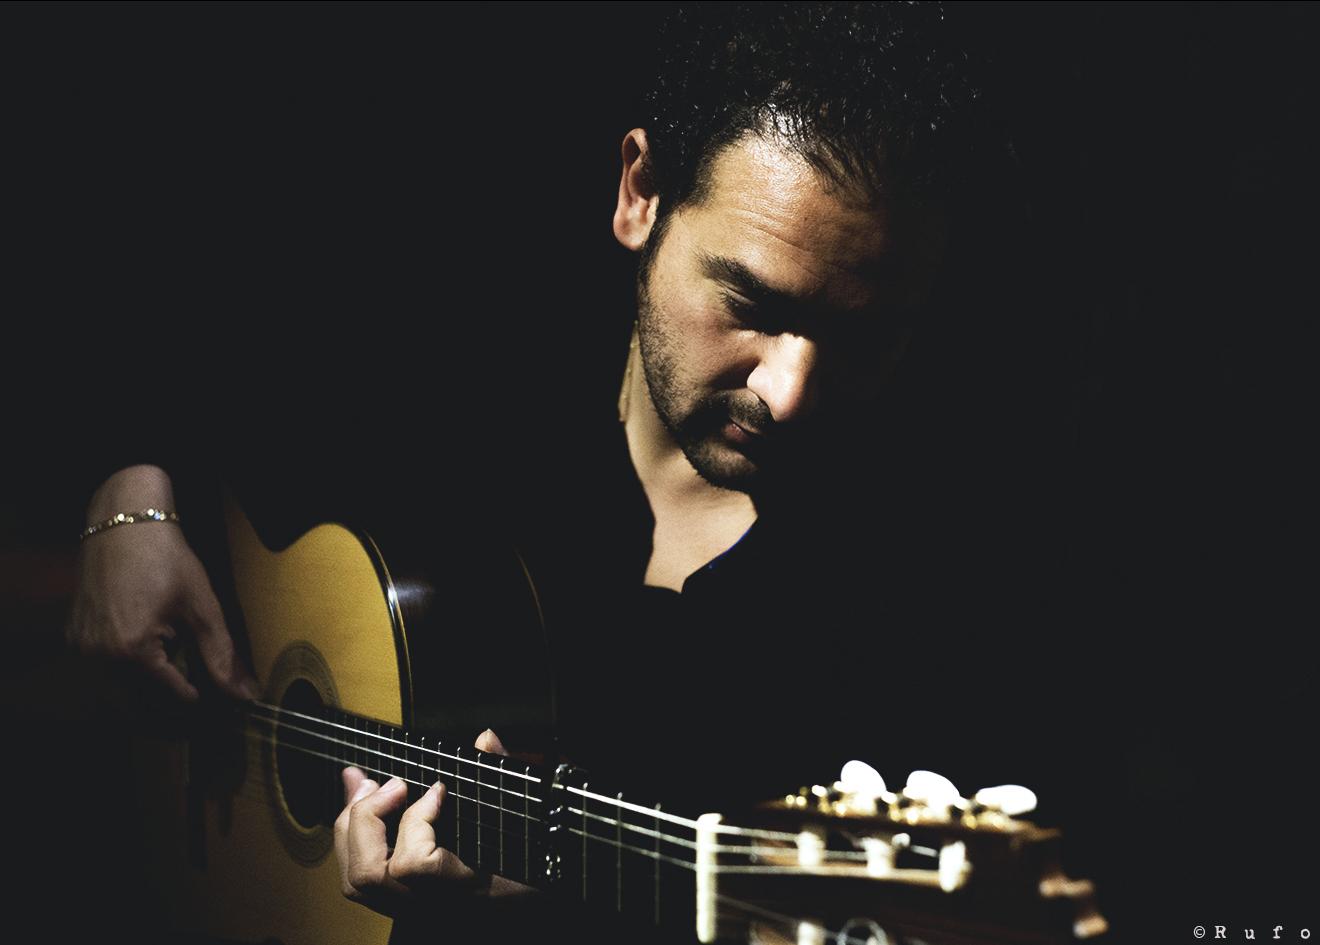 18 cuerdas - Estreno de guitarra 4